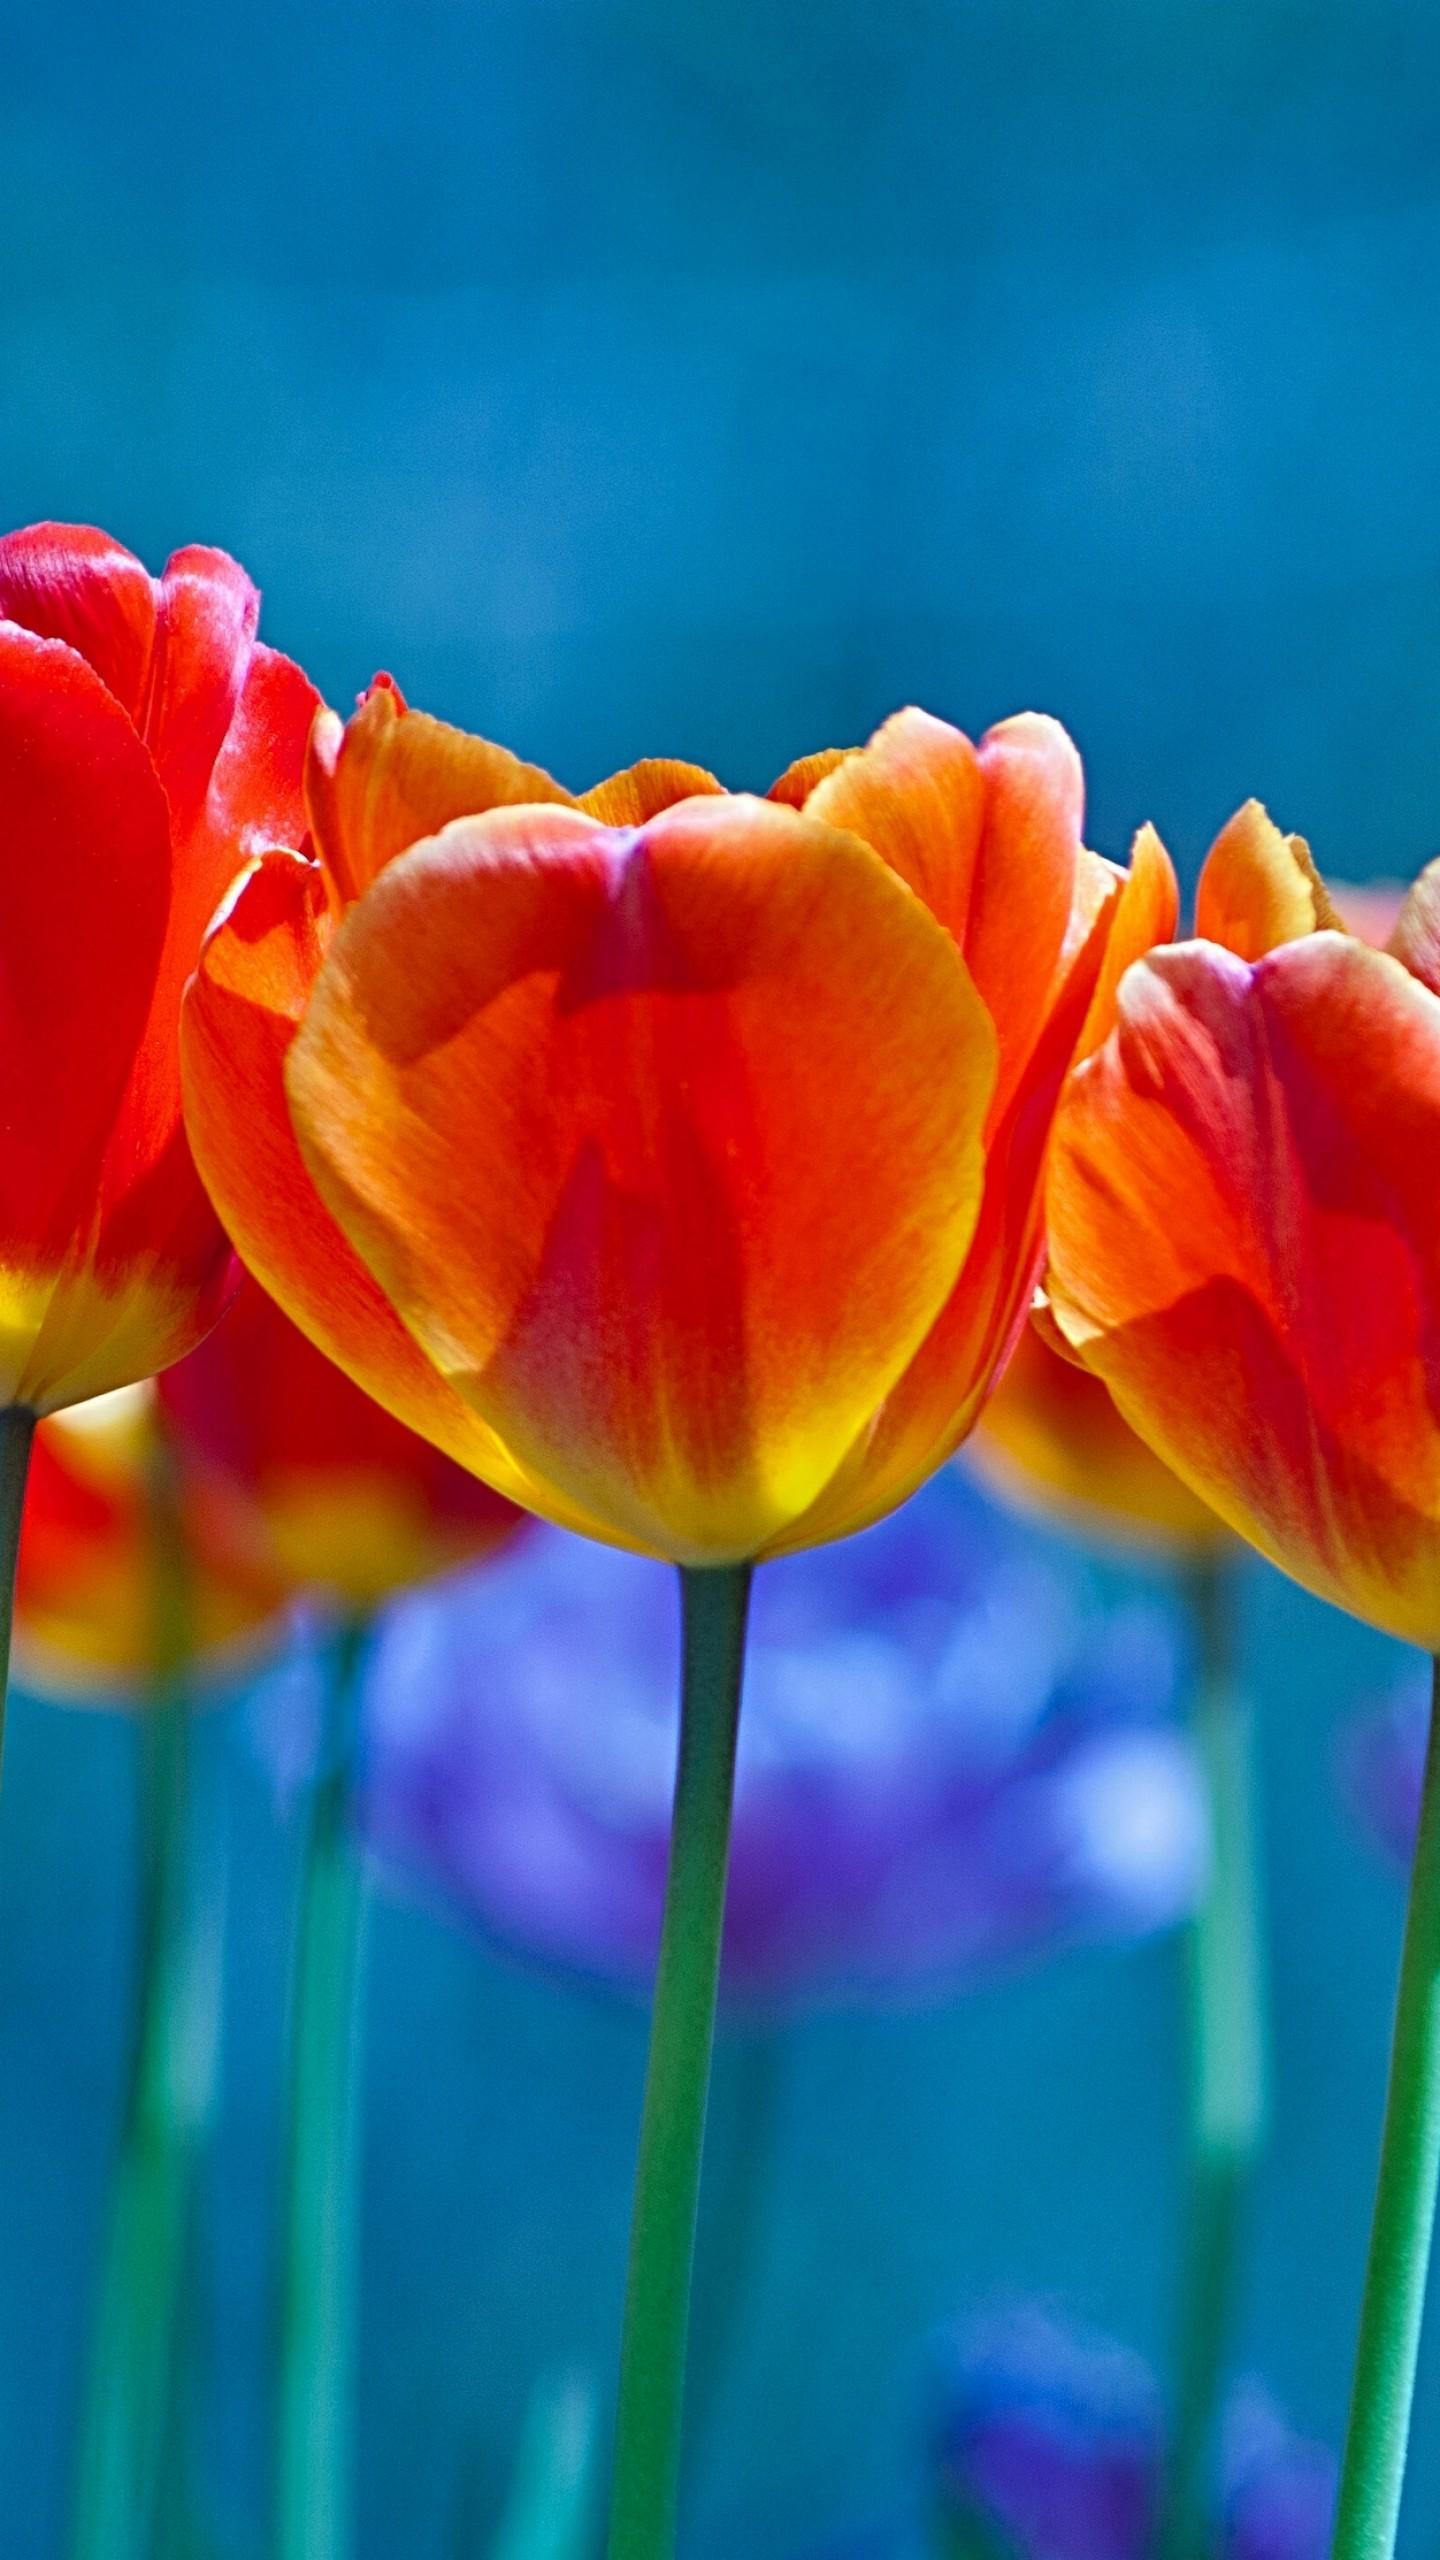 عکس زمینه گل های لاله نارنجی در زمینه آبی پس زمینه